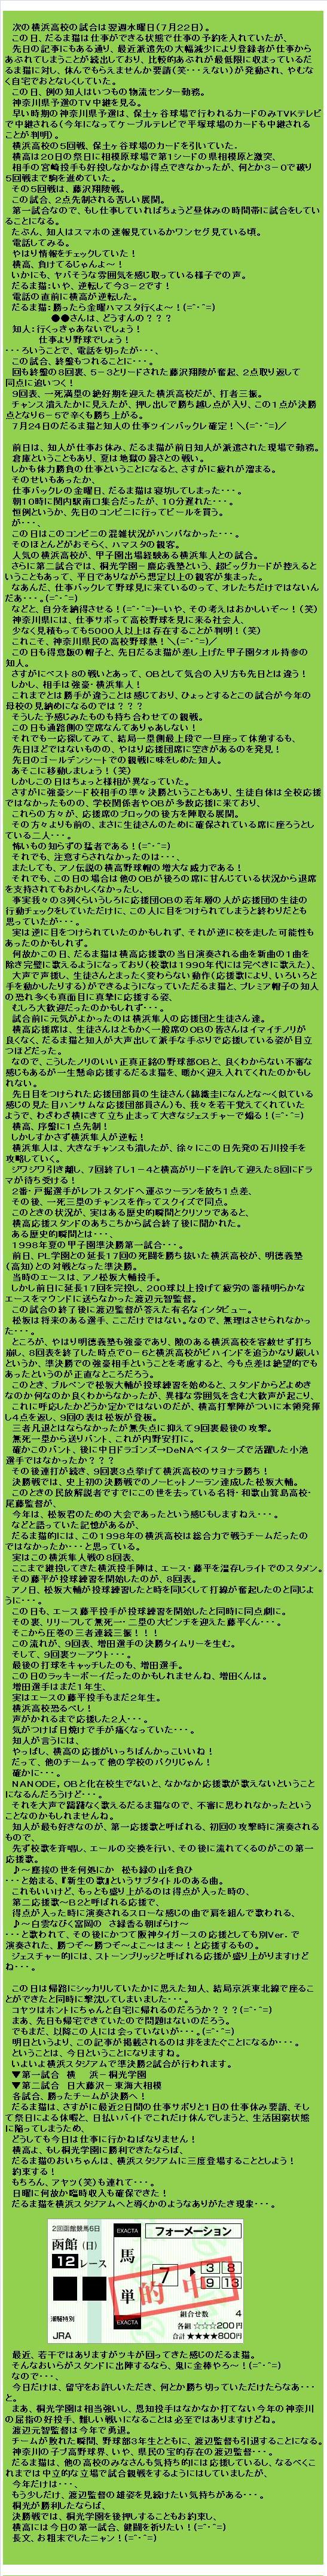 20150727・ブログ記事③.jpg